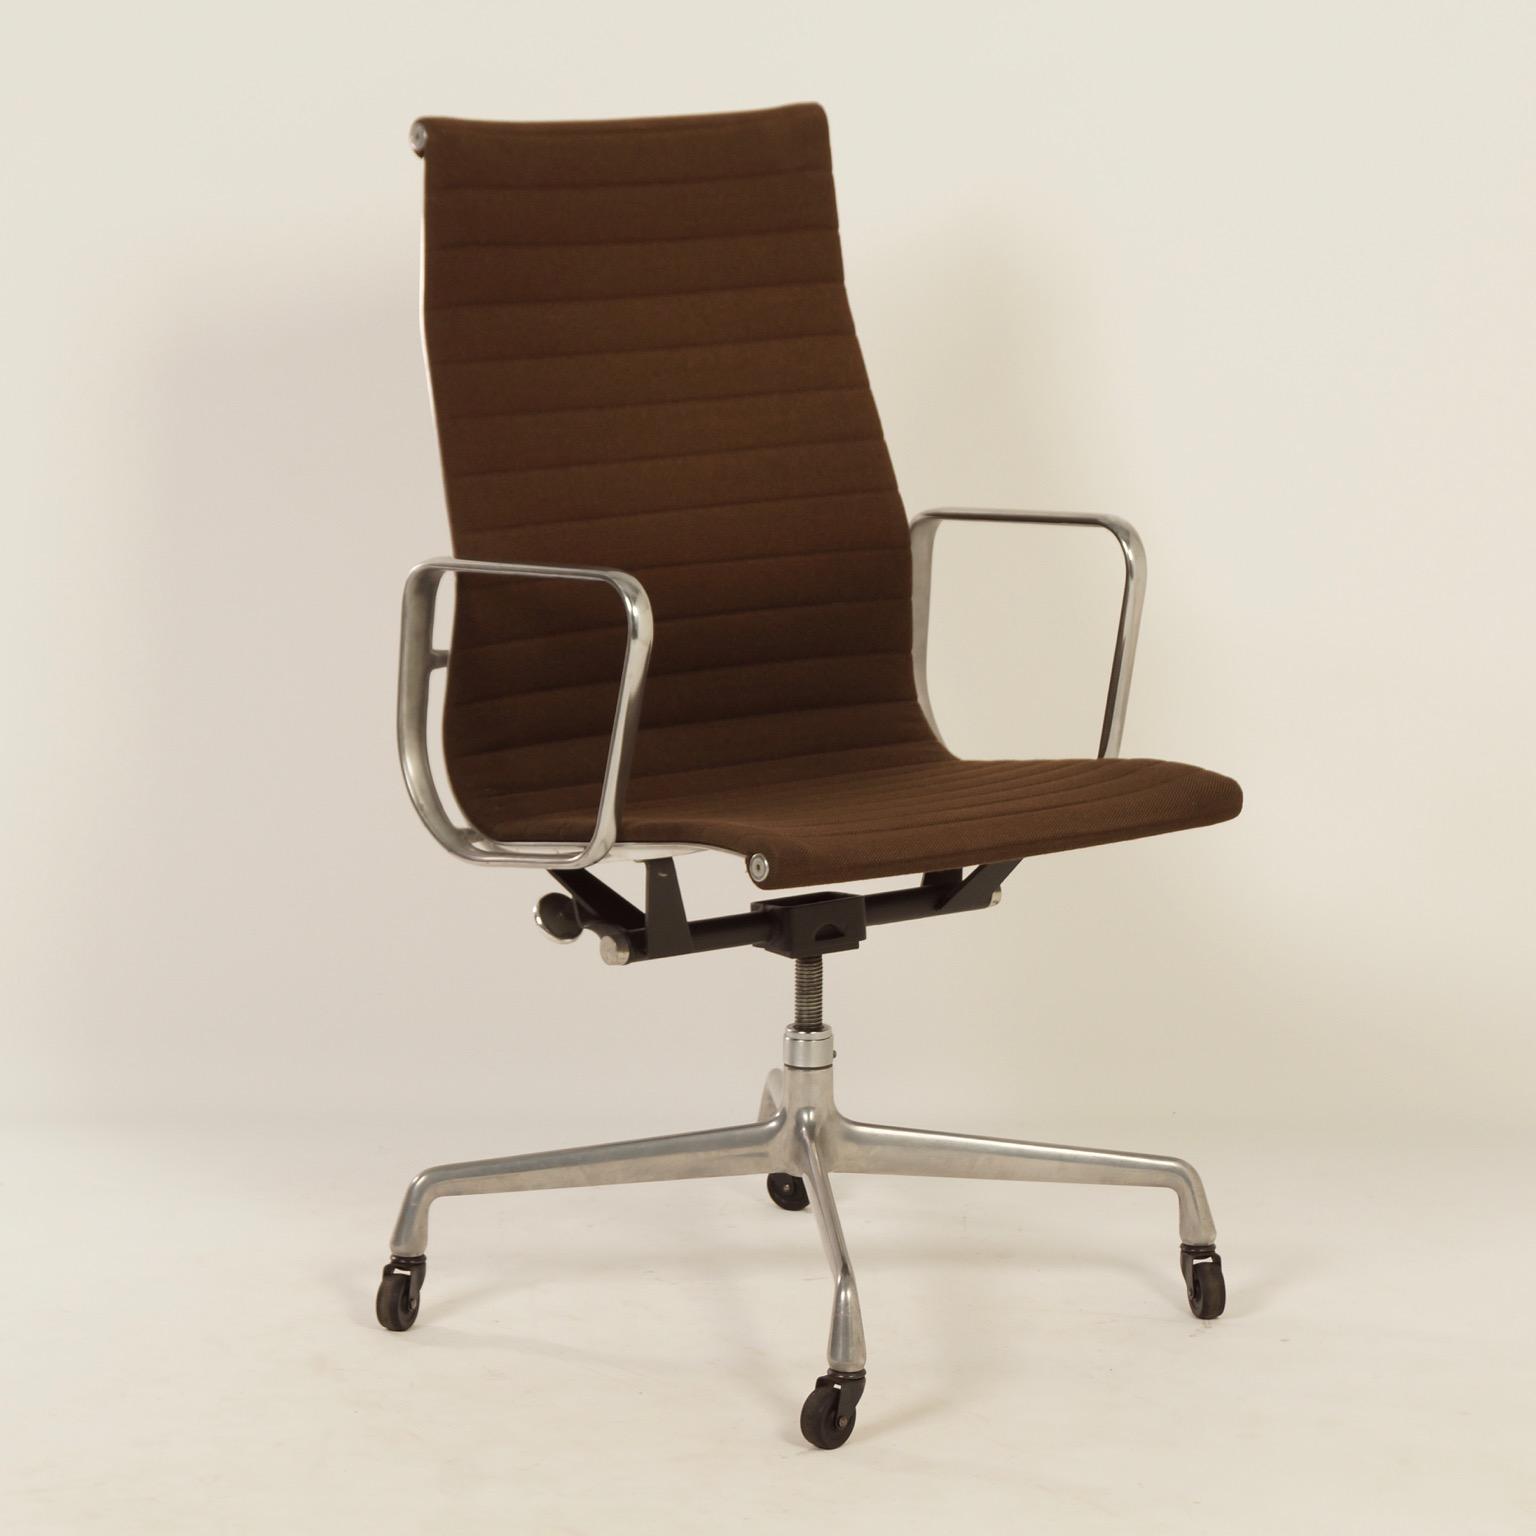 Original brown eames office chair van herman miller 1960s - Eames office chair original ...